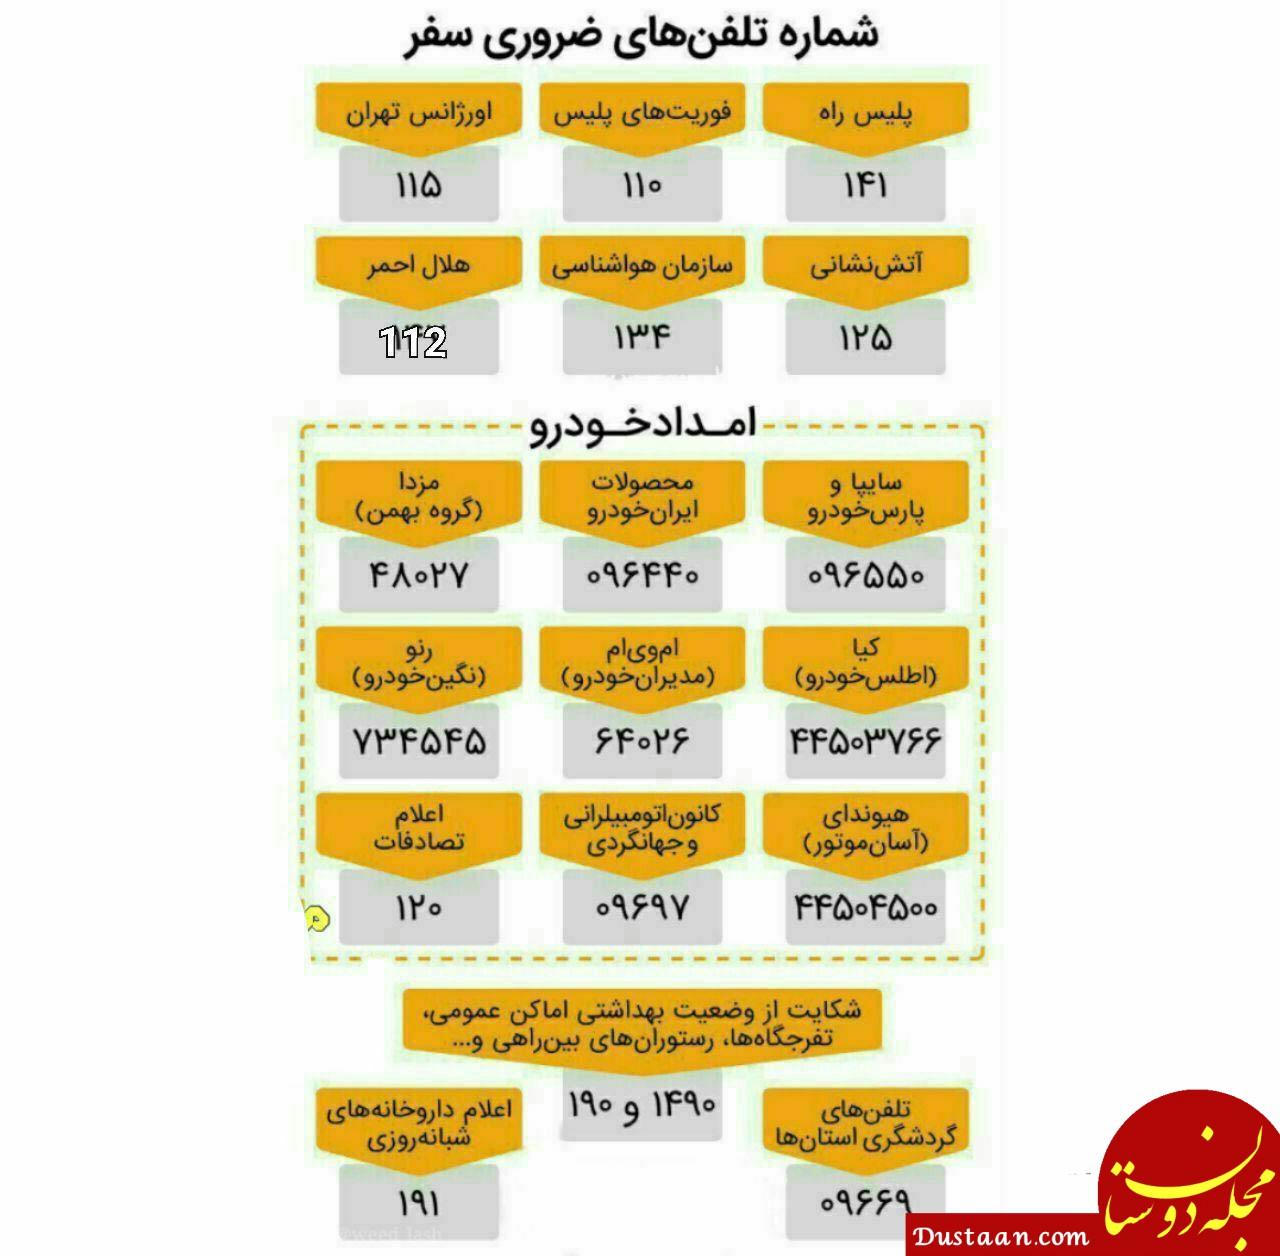 www.dustaan.com شماره تلفن های ضروری در سفر